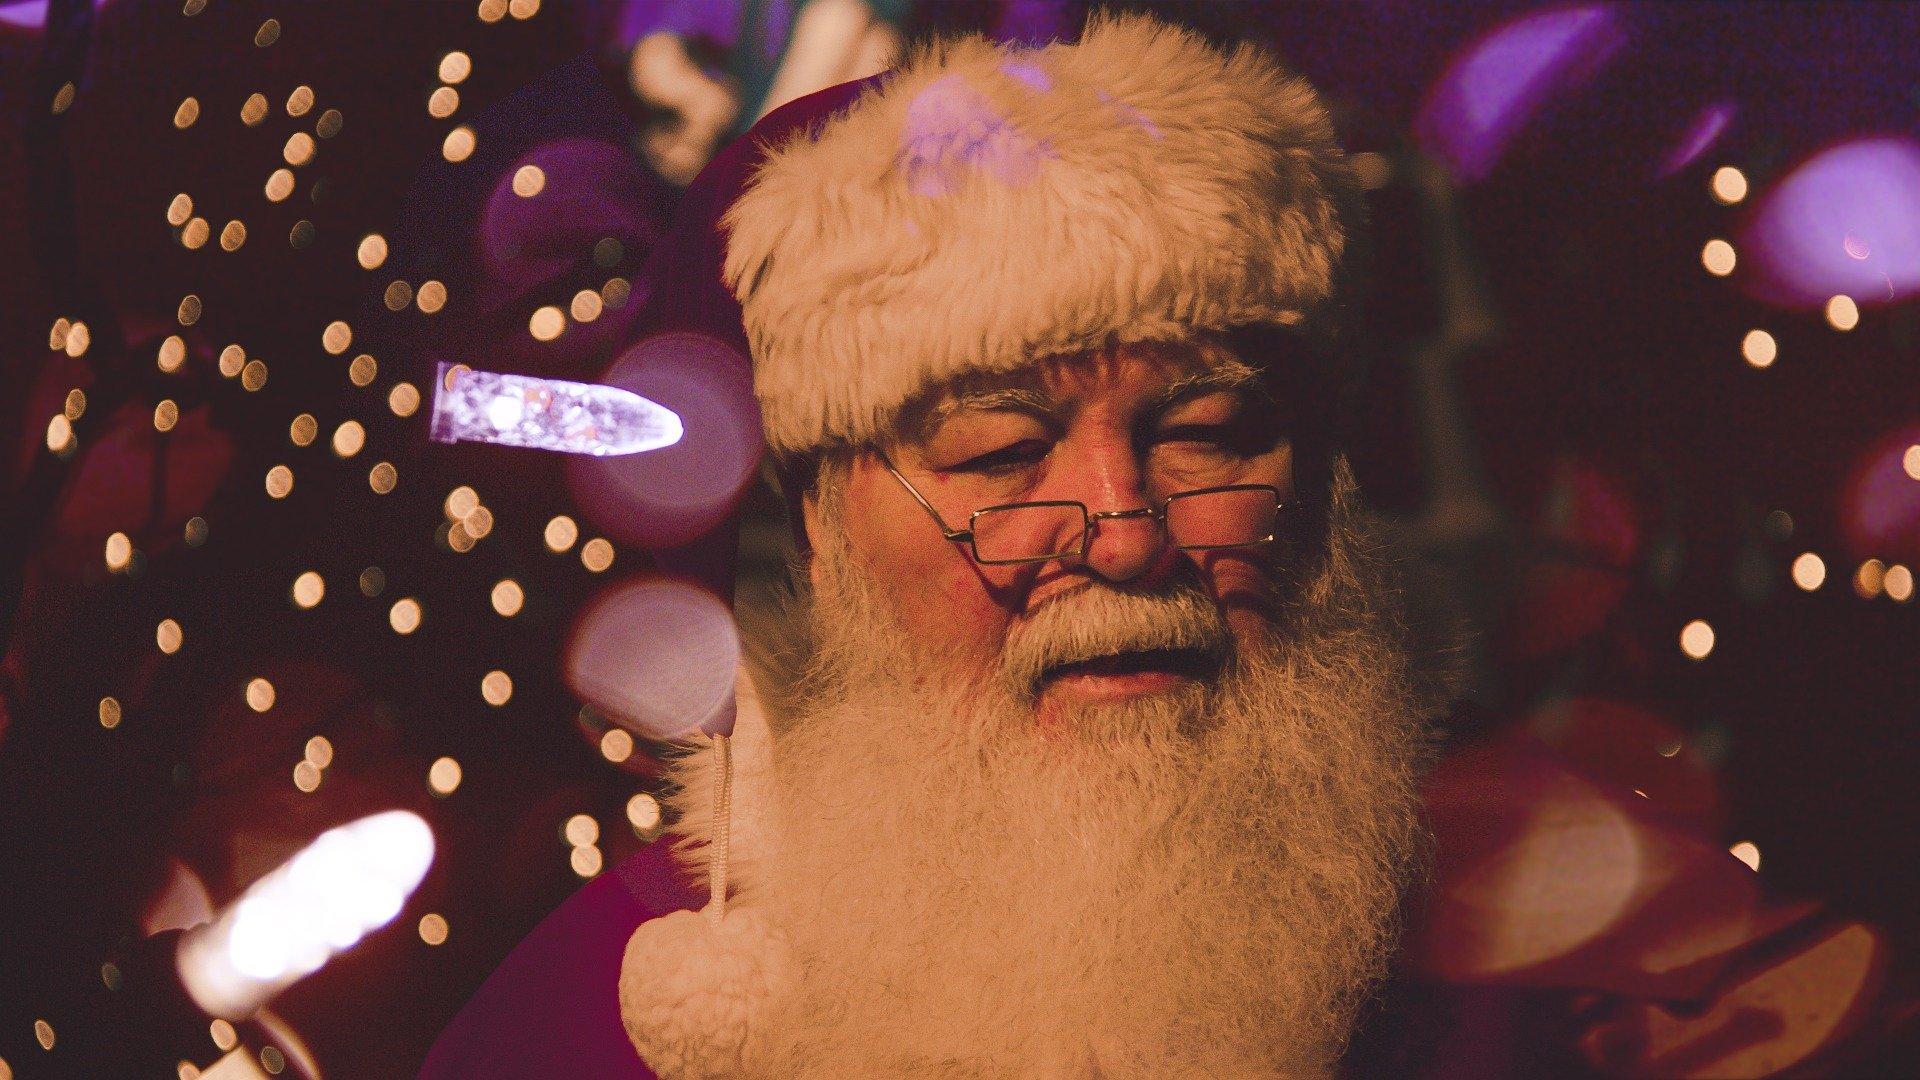 Ярославцы могут пообщаться по телефону с Дедом Морозом и Снегурочкой: куда звонить